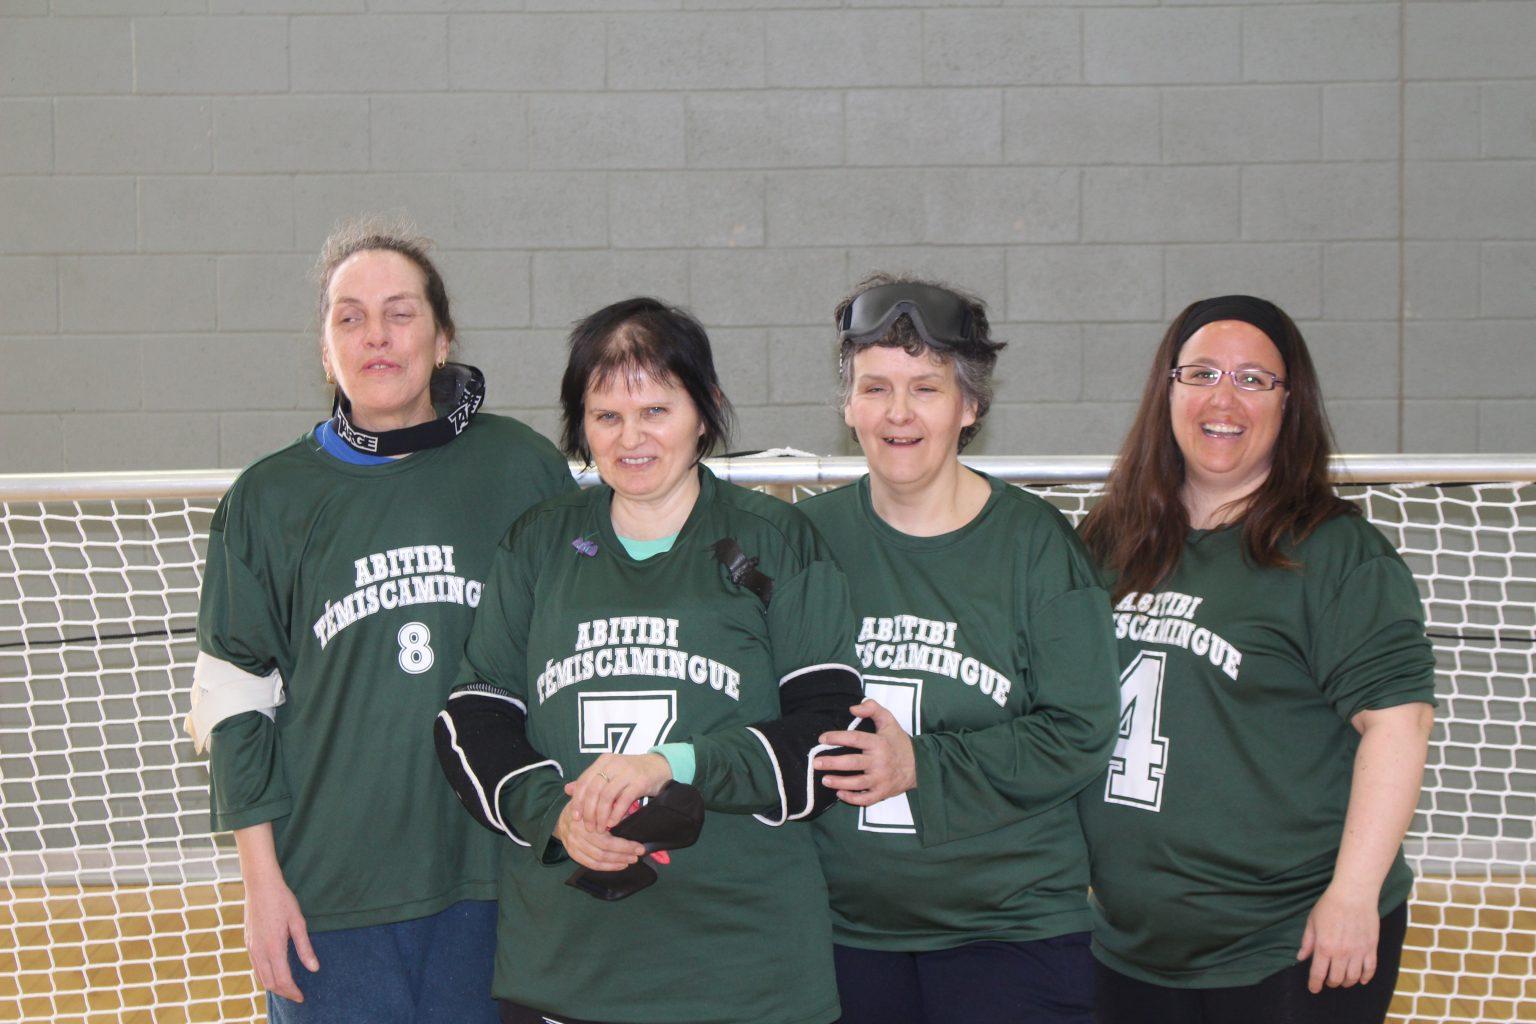 L'équipe féminine de l'Abitibi représentait le Québec au championnat de l'est du Canada, catégorie récréative. De gauche à droite: Nathalie Chartrand, Guylaine Malenfant, Marie-Anne Pétrin et Kathy Beaumier, entraîneure.